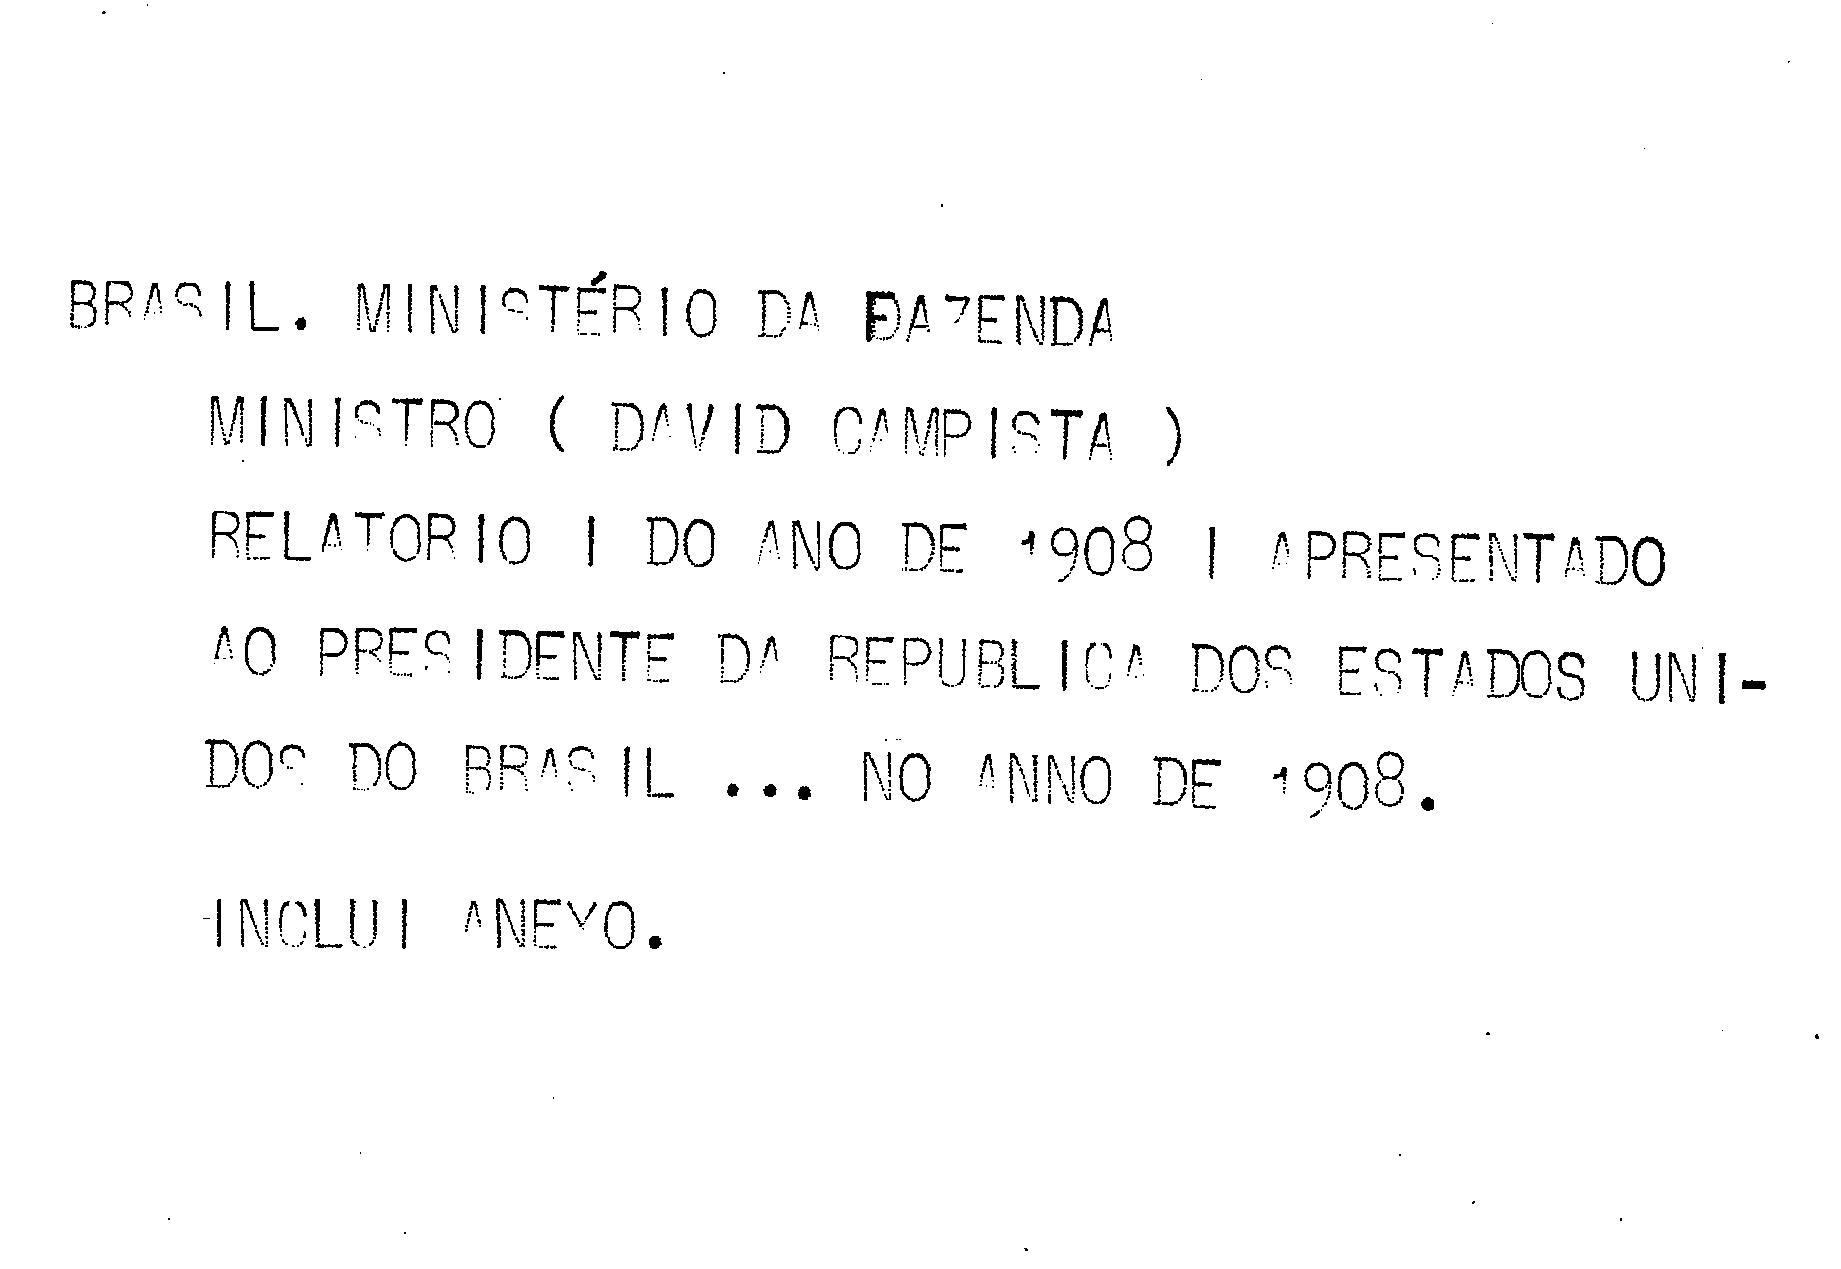 Ministerio da Fazenda - Relatório apresentado ao presidente da República dos Estados Unidos do Brazil pelo Ministro de Estado dos Negócios da Fazenda Dr. David Campista no anno de 1909, 21º da República